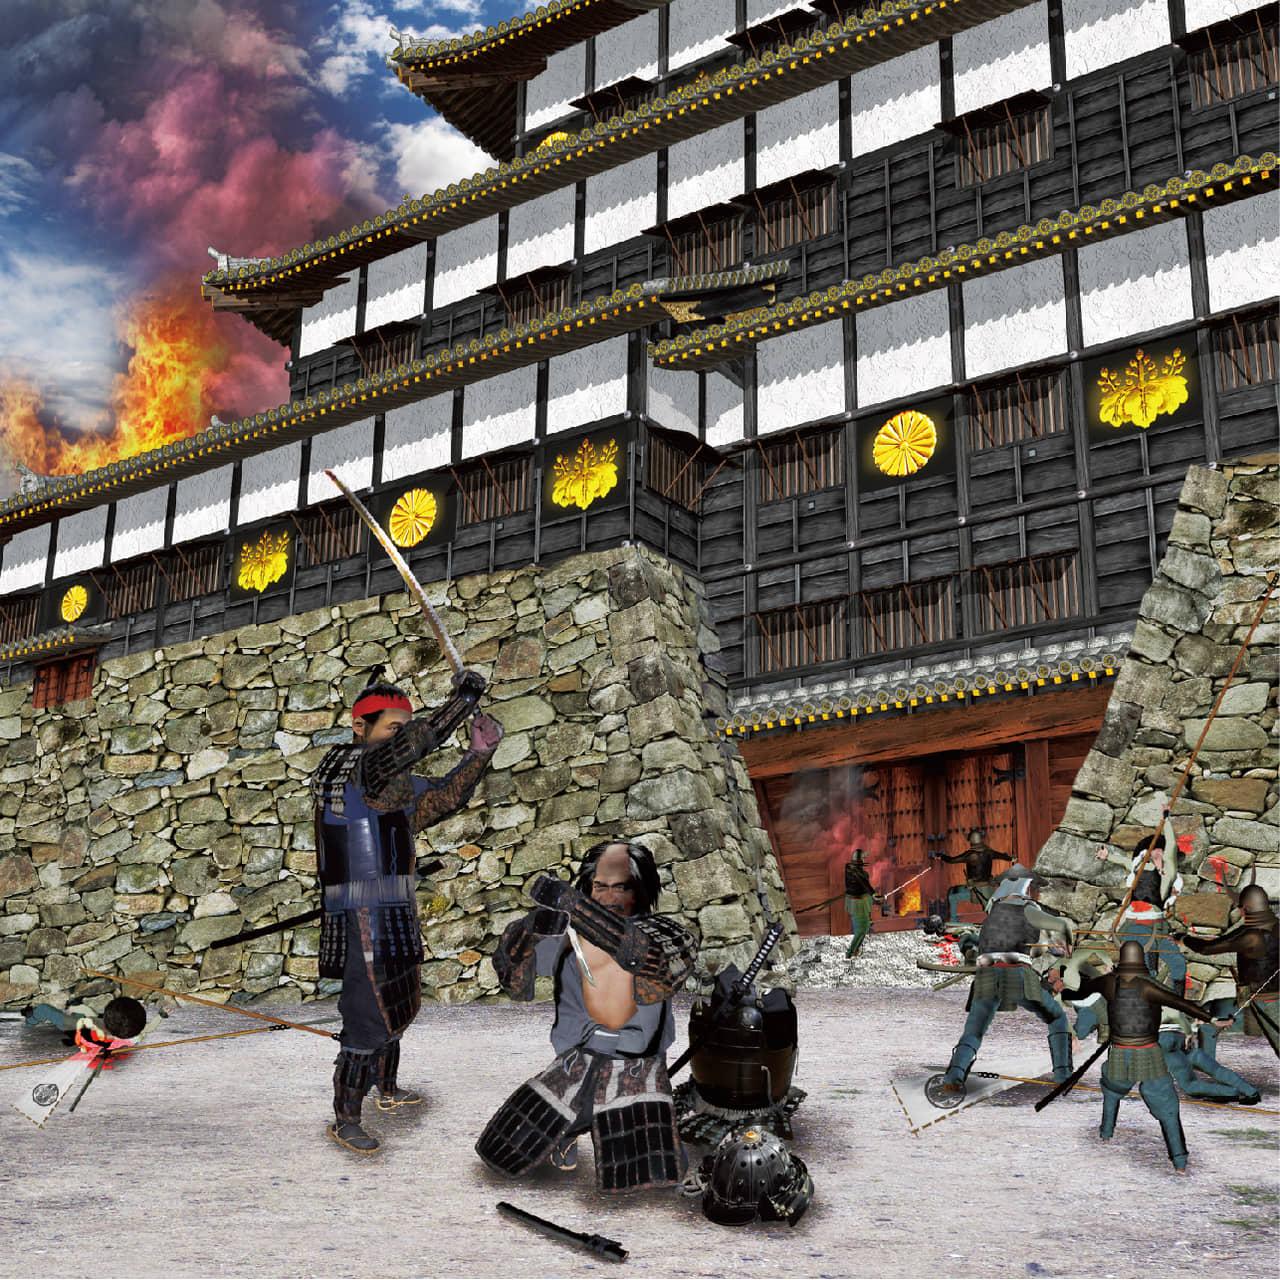 伏見(ふしみ)城攻め1600年<その4>~秀吉が築城技術の粋を集めた「天下人の城」かく戦えり